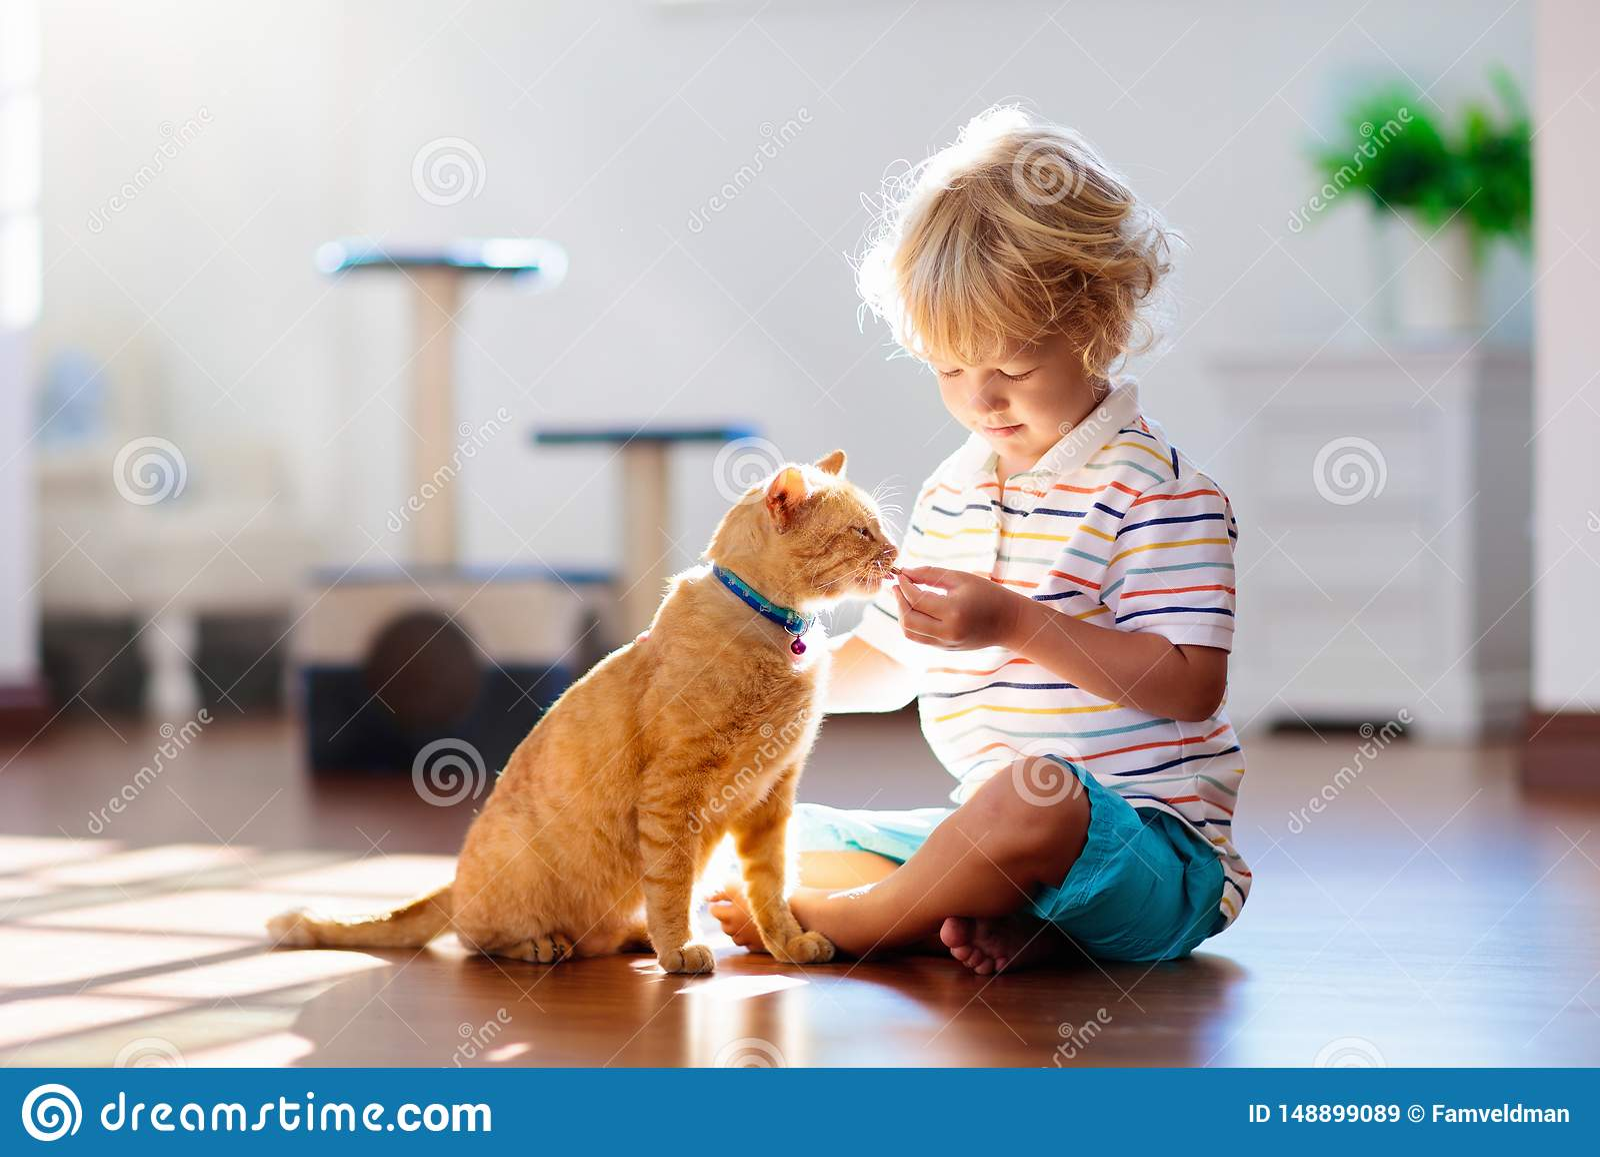 Παιχνίδι παιδιών με τη γάτα στο σπίτι Παιδιά και κατοικίδια ζώα